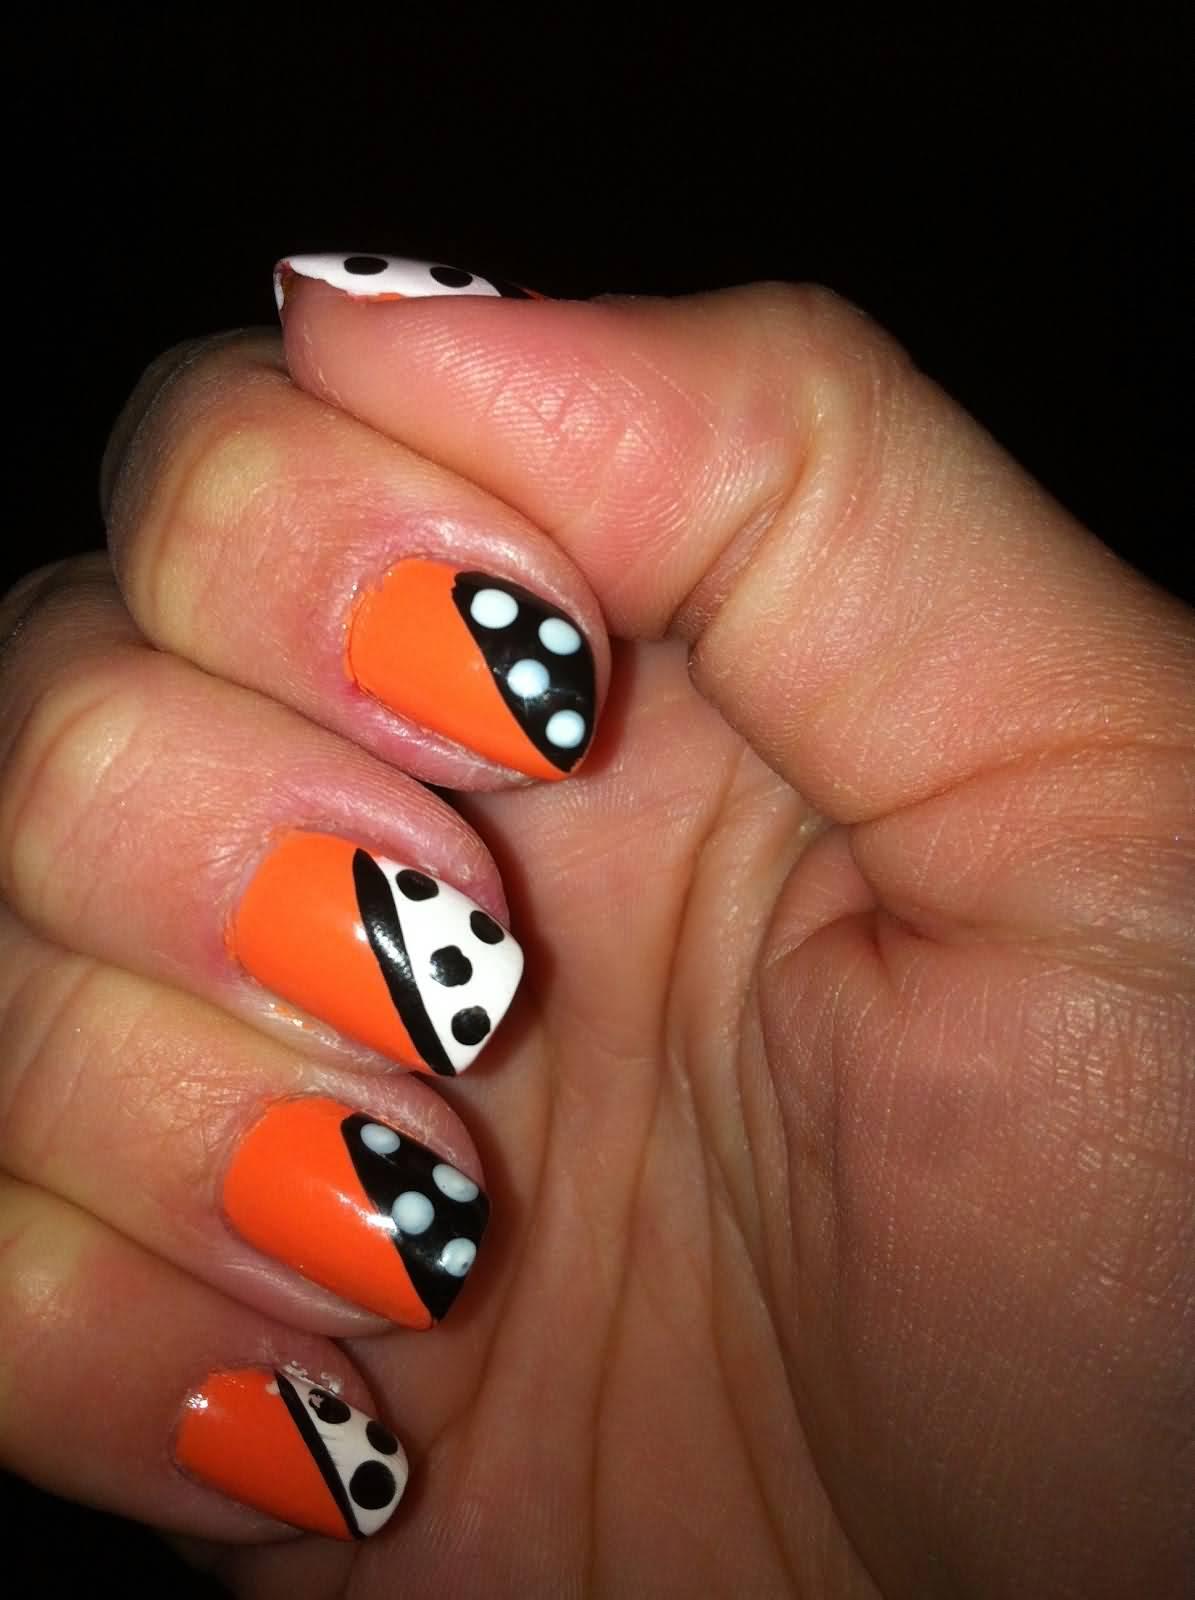 Orange With Black And White Diagonal Polka Dots Nail Art Design Idea